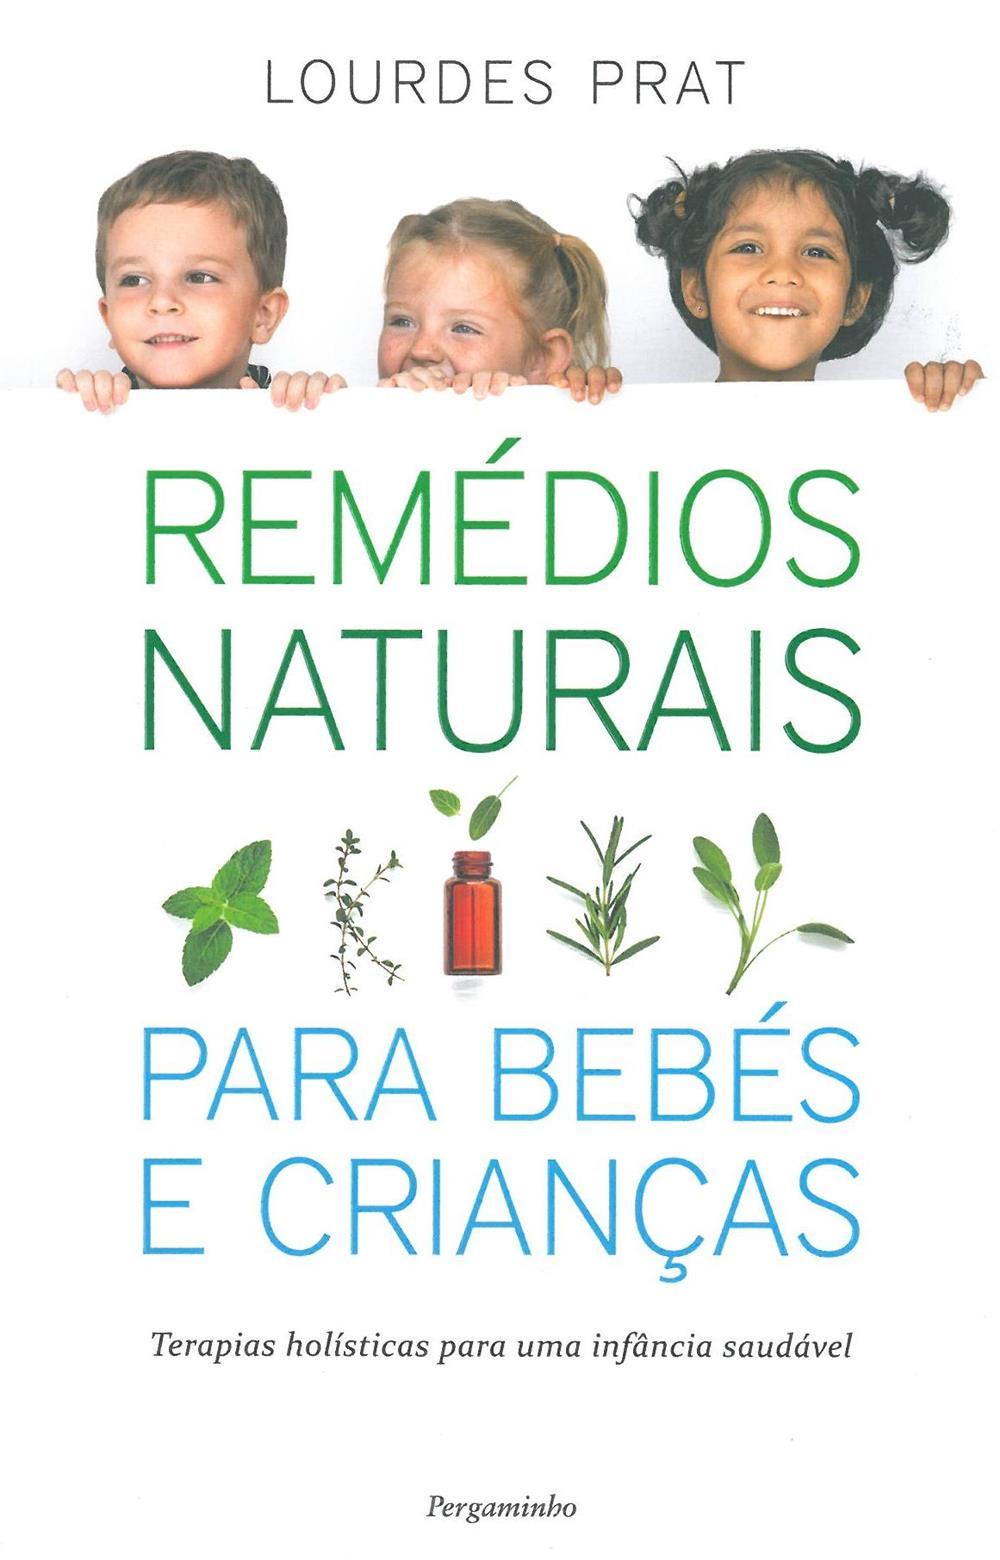 Remédios naturais para bebés e crianças_.jpg